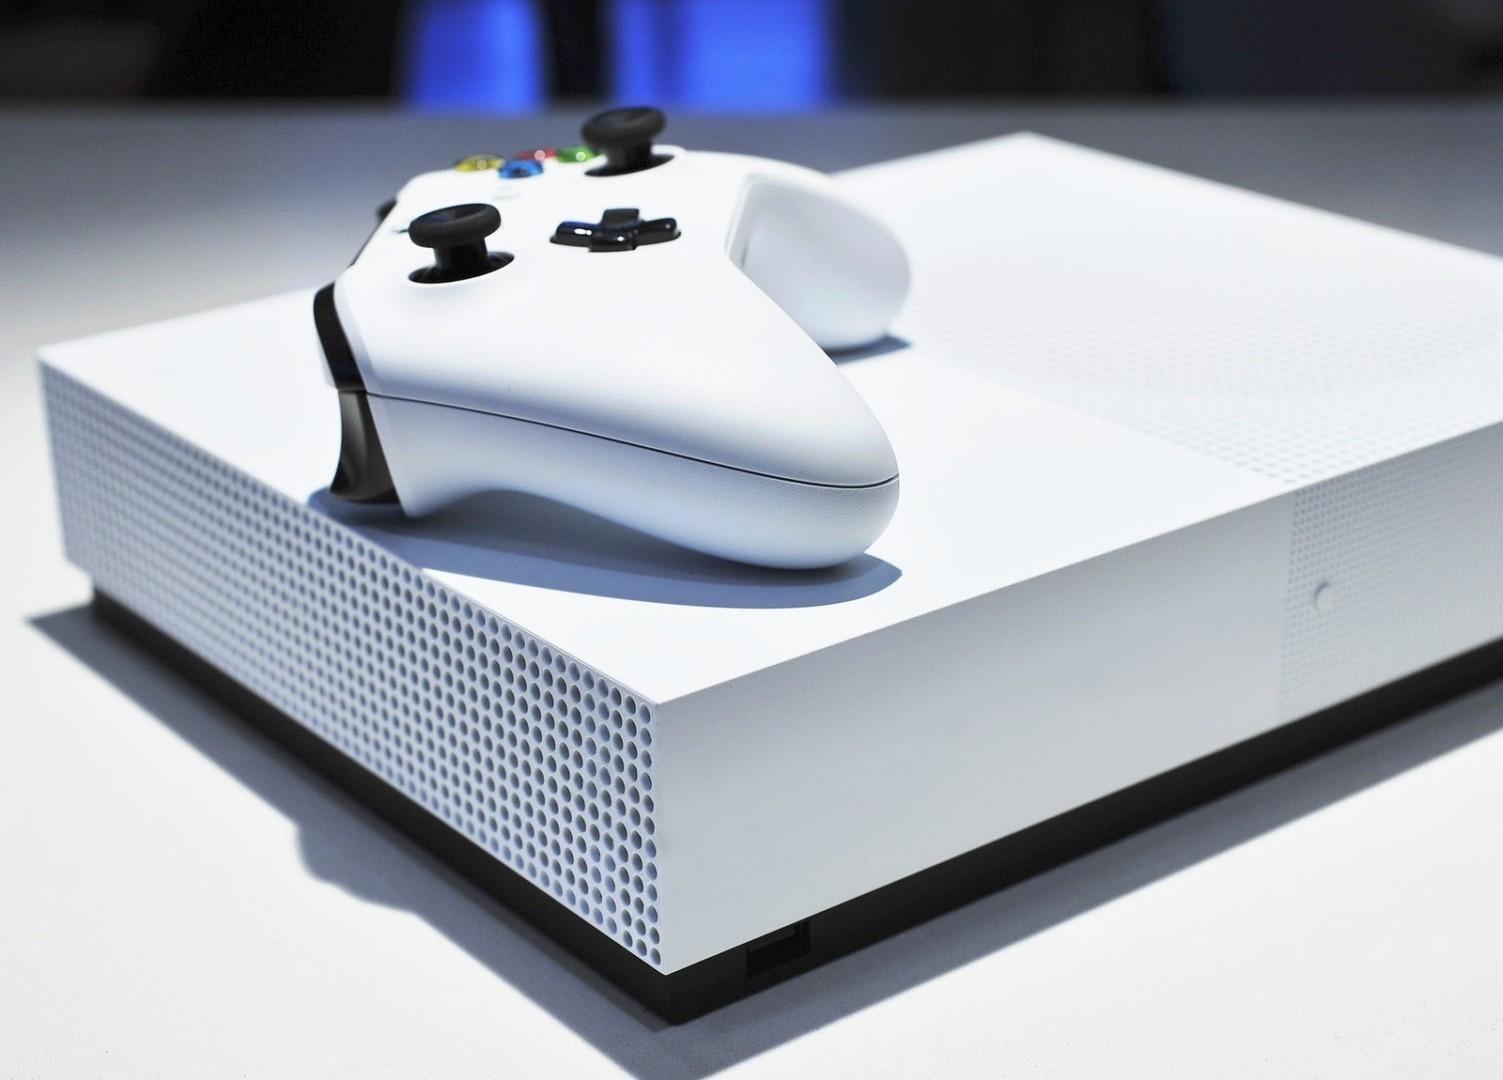 Aseguran que la próxima interfaz de la Xbox One se parecerá a la PS4